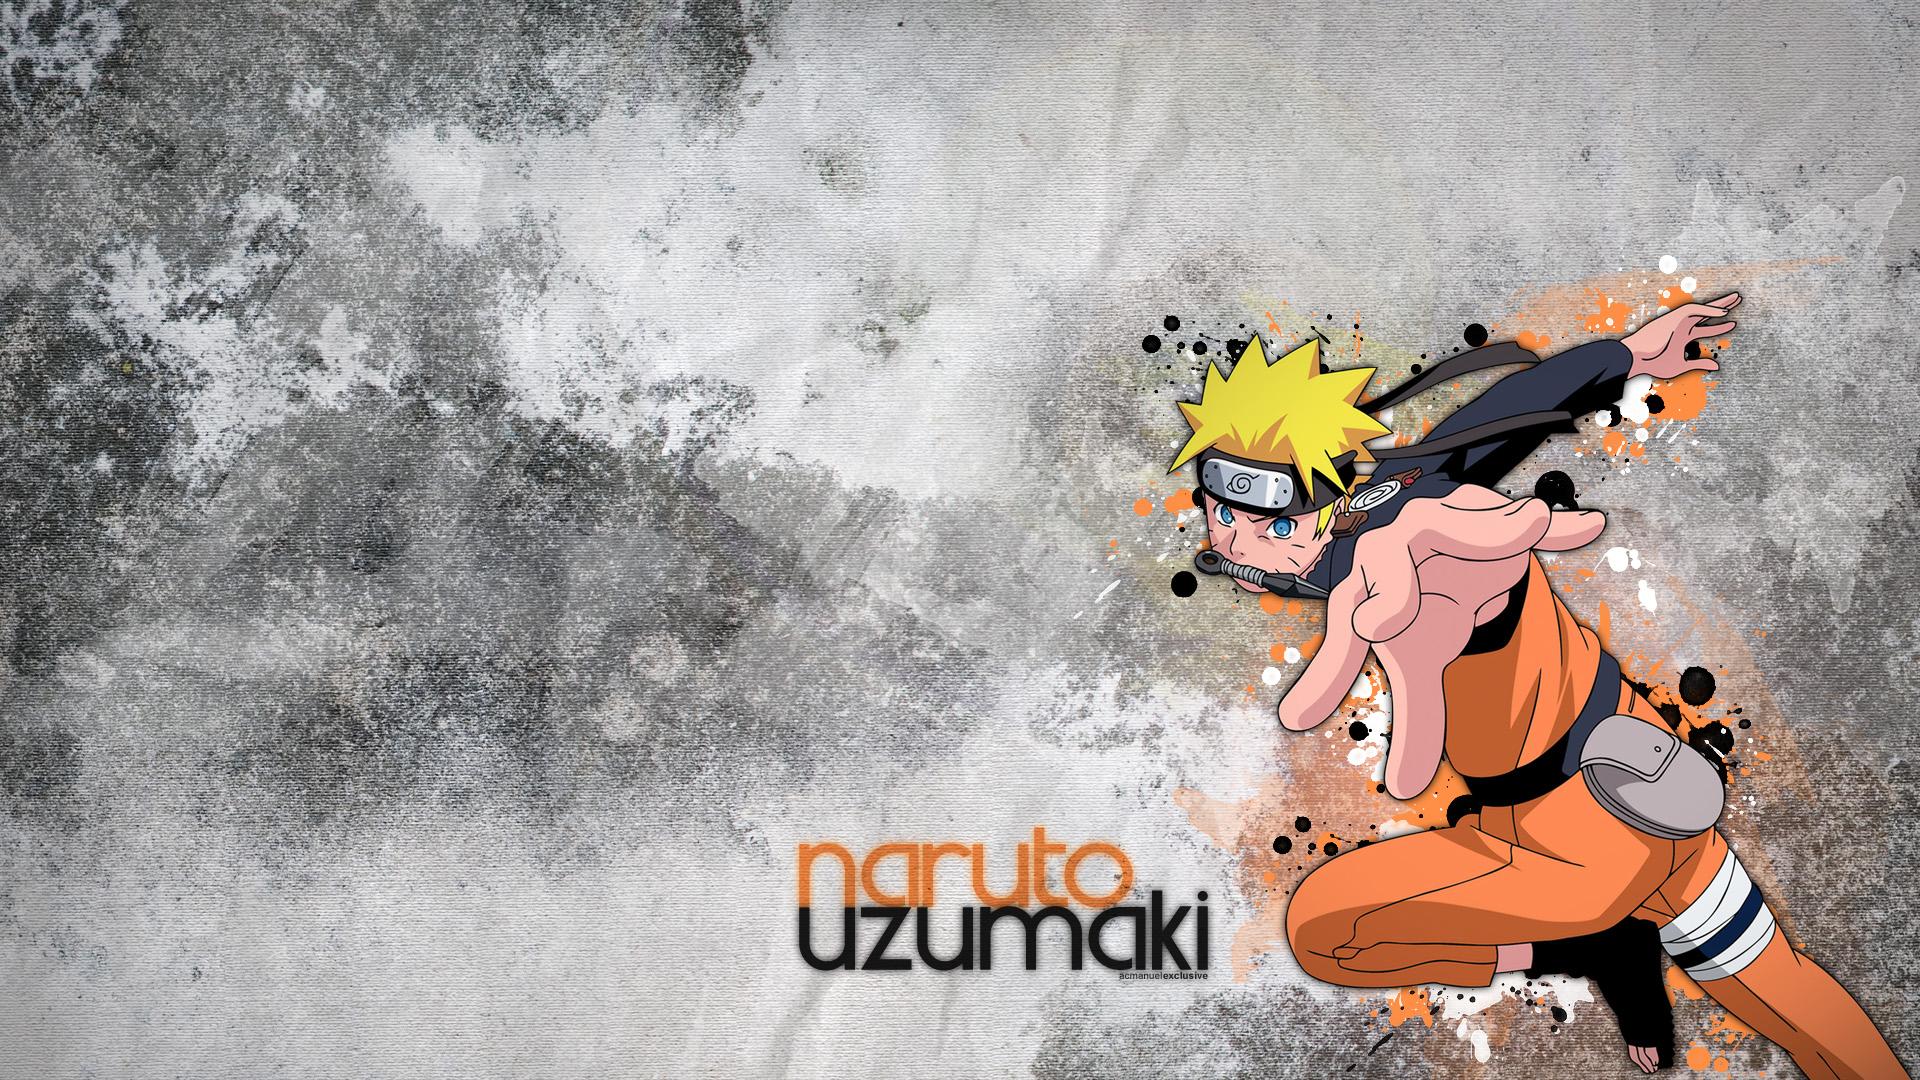 Naruto Wallpaper by acmanuel01